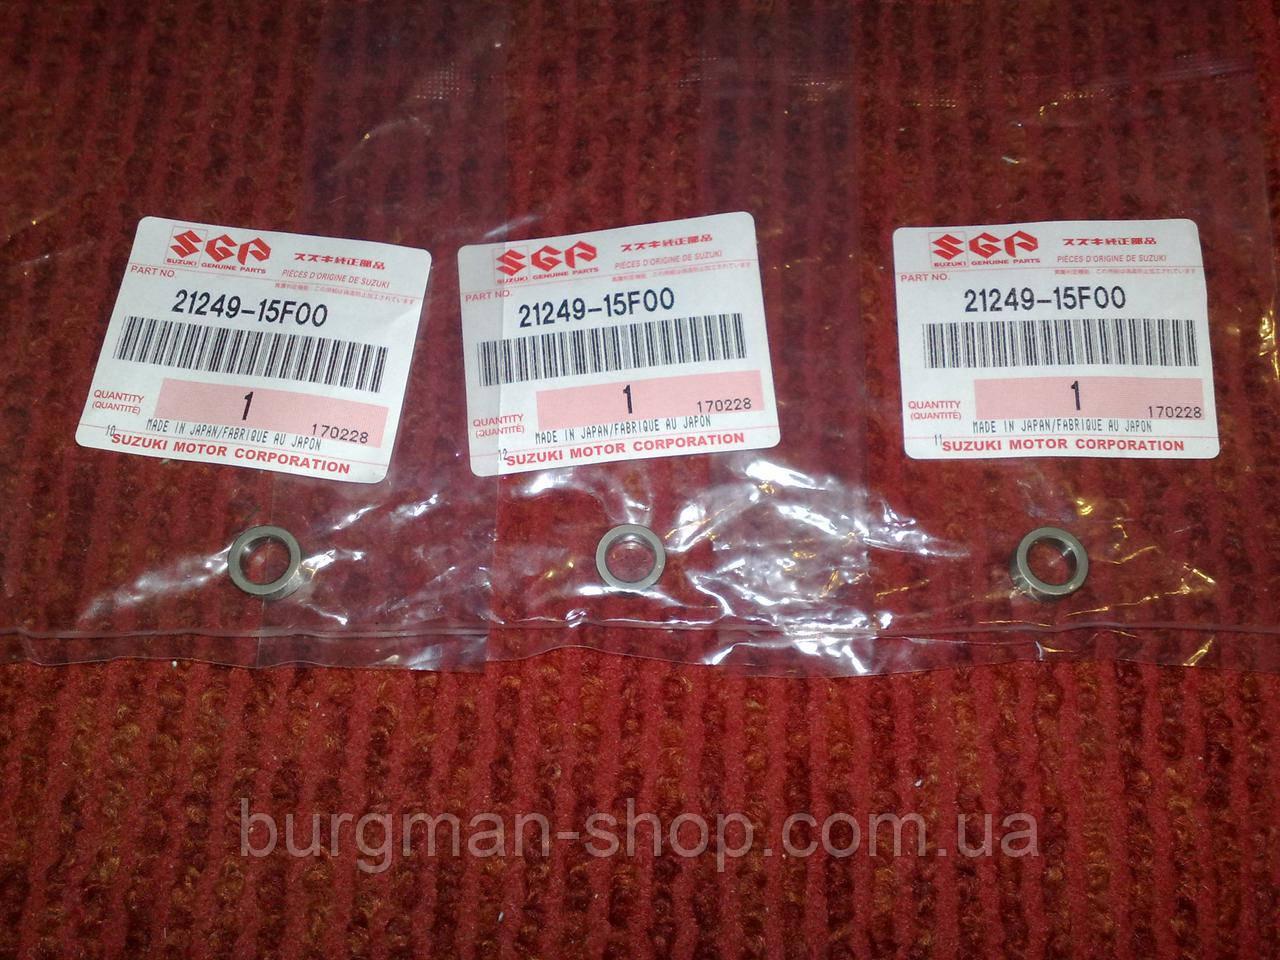 Втулка штифта подвижной щеки торкдрайвера К7 Suzuki Burgman SkyWave 21249-15F00